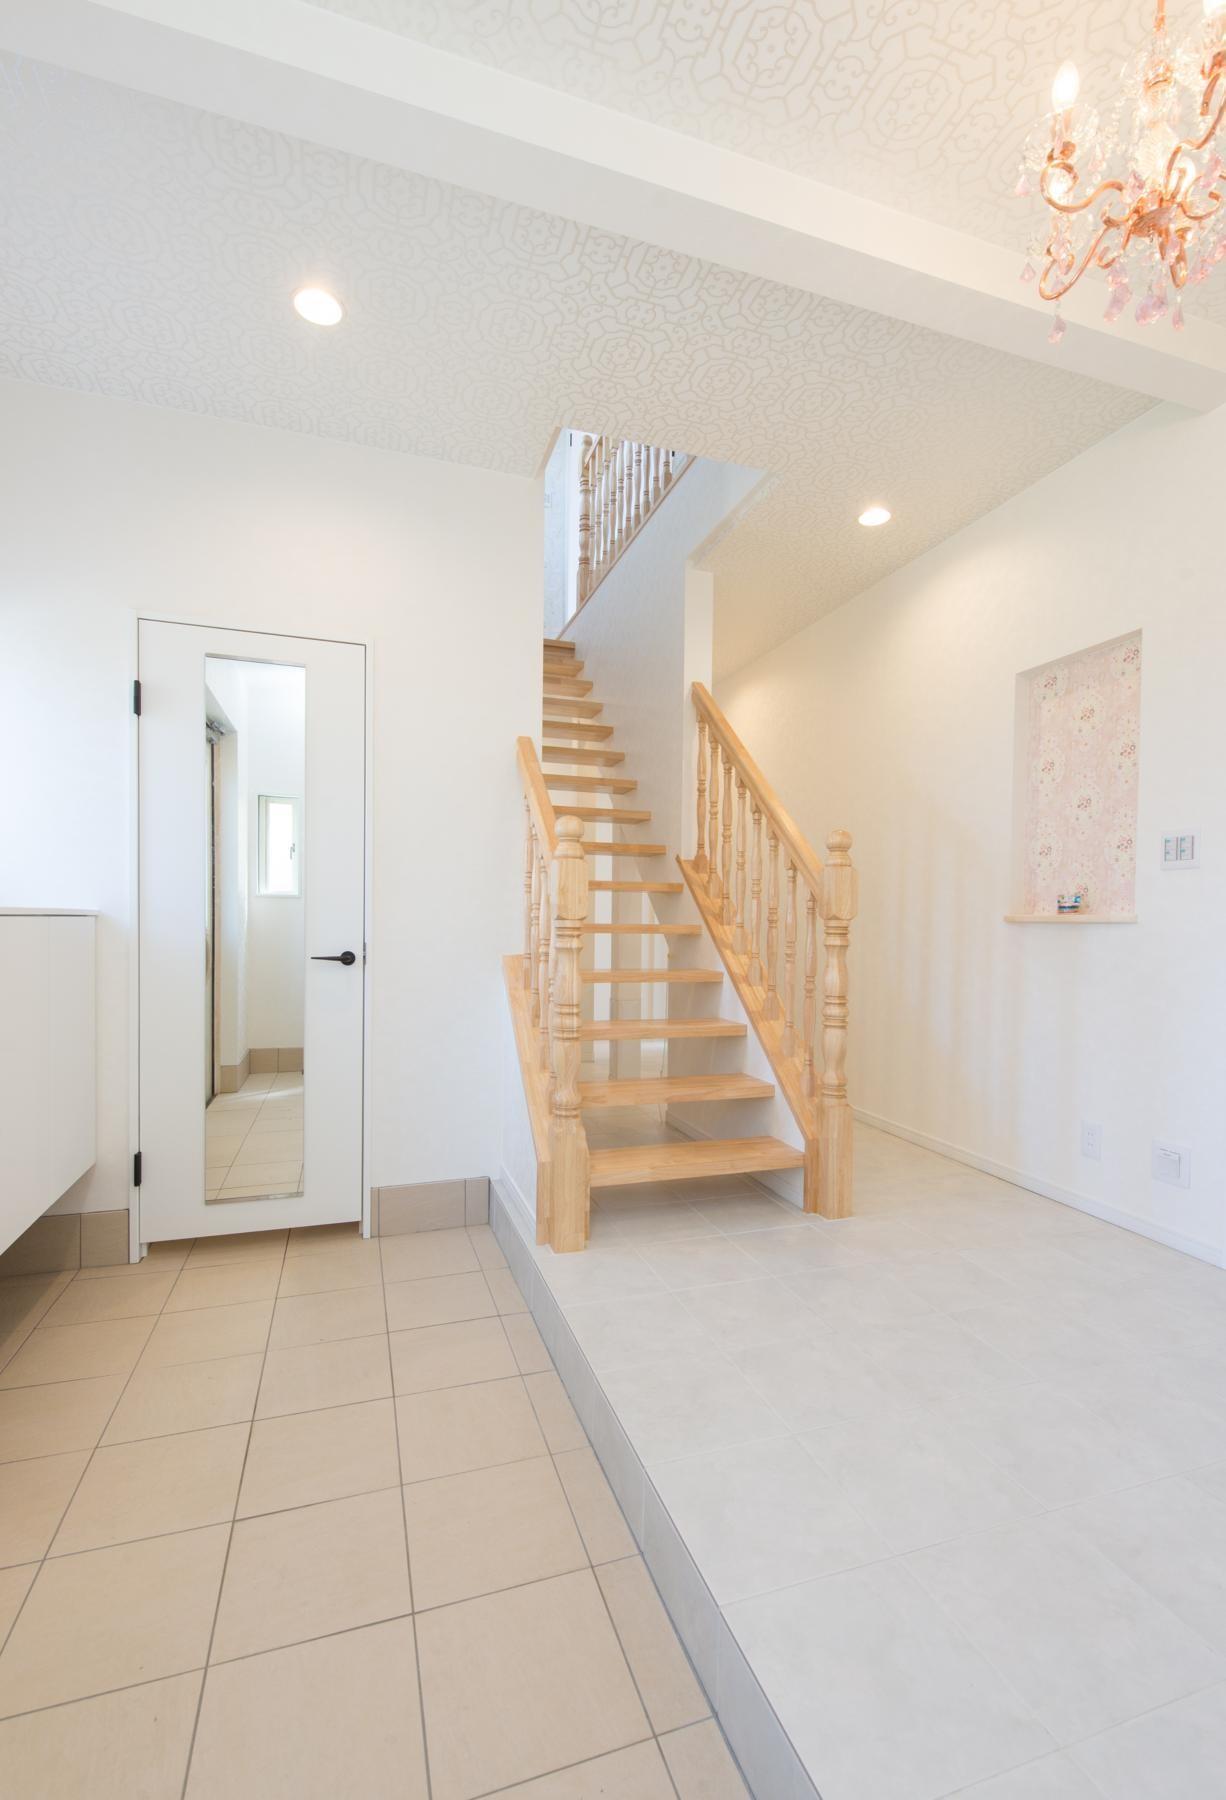 その他事例:階段(家族3人とワンちゃんが心地よく暮らす、戸建リノベーション)